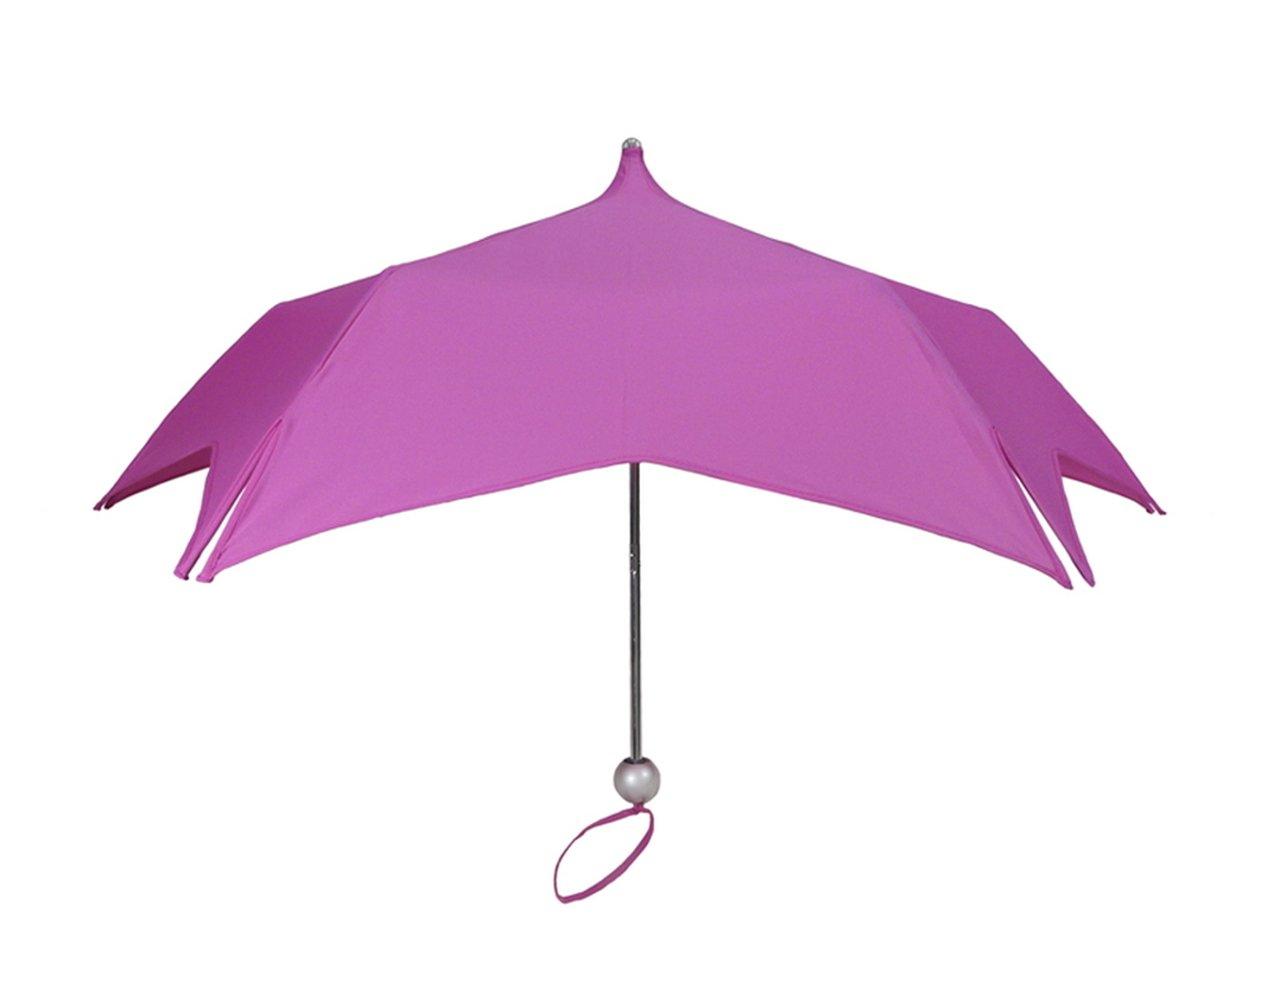 【正規輸入品】 ディチェザレ デザイン マルガリータ スーパーミニ 1 トーン 全3色 折りたたみ傘 手開き 日傘/晴雨兼用 ピンク 12本骨 55cm グラスファイバー骨 テフロン加工 B00T7RFAUW ピンク ピンク